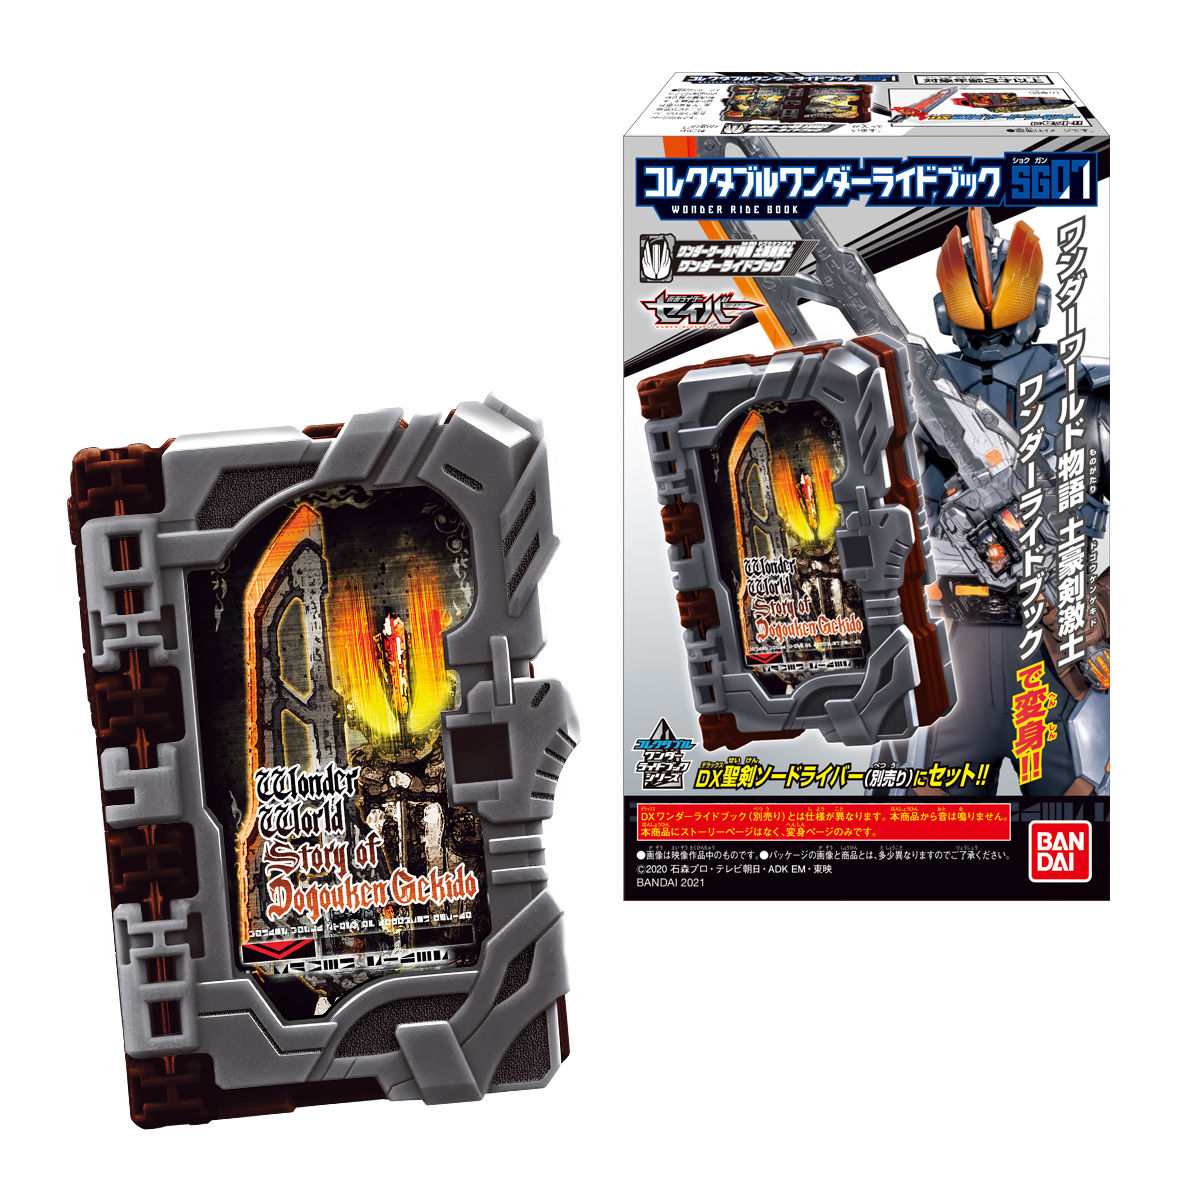 【食玩】仮面ライダーセイバー『コレクタブルワンダーライドブック SG07』8個入りBOX-001